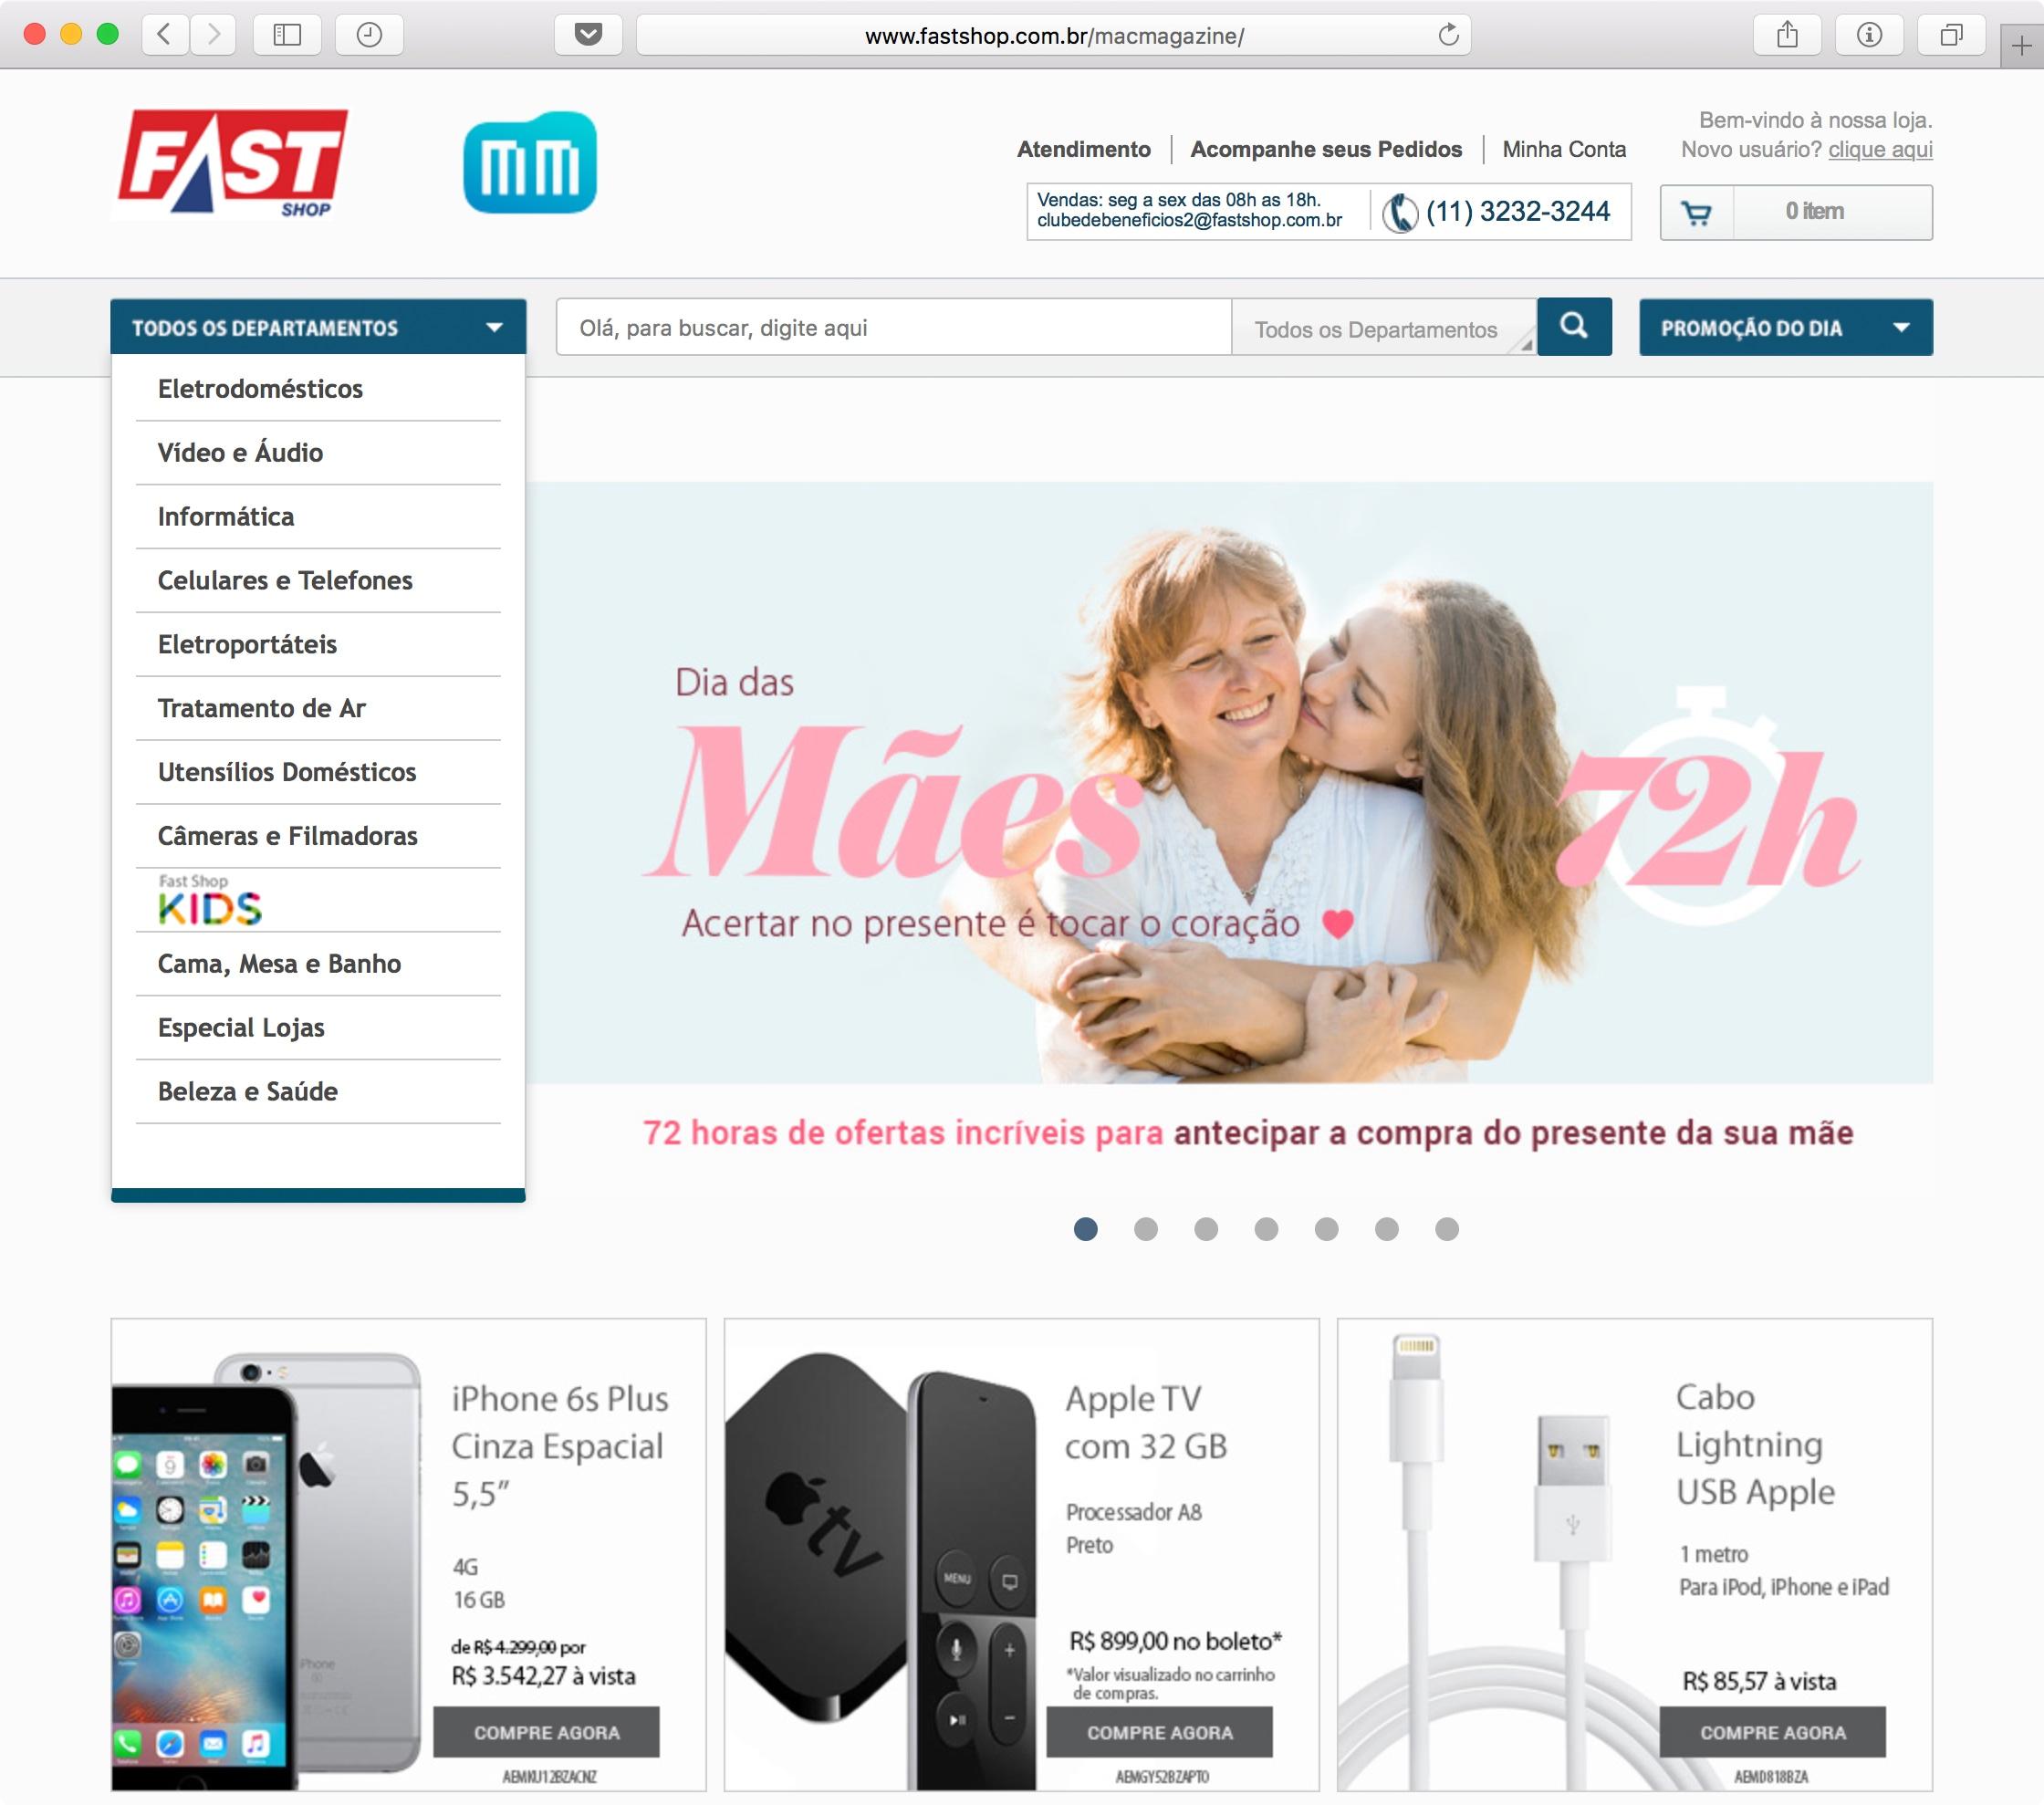 Hotsite do MacMagazine na Fast Shop